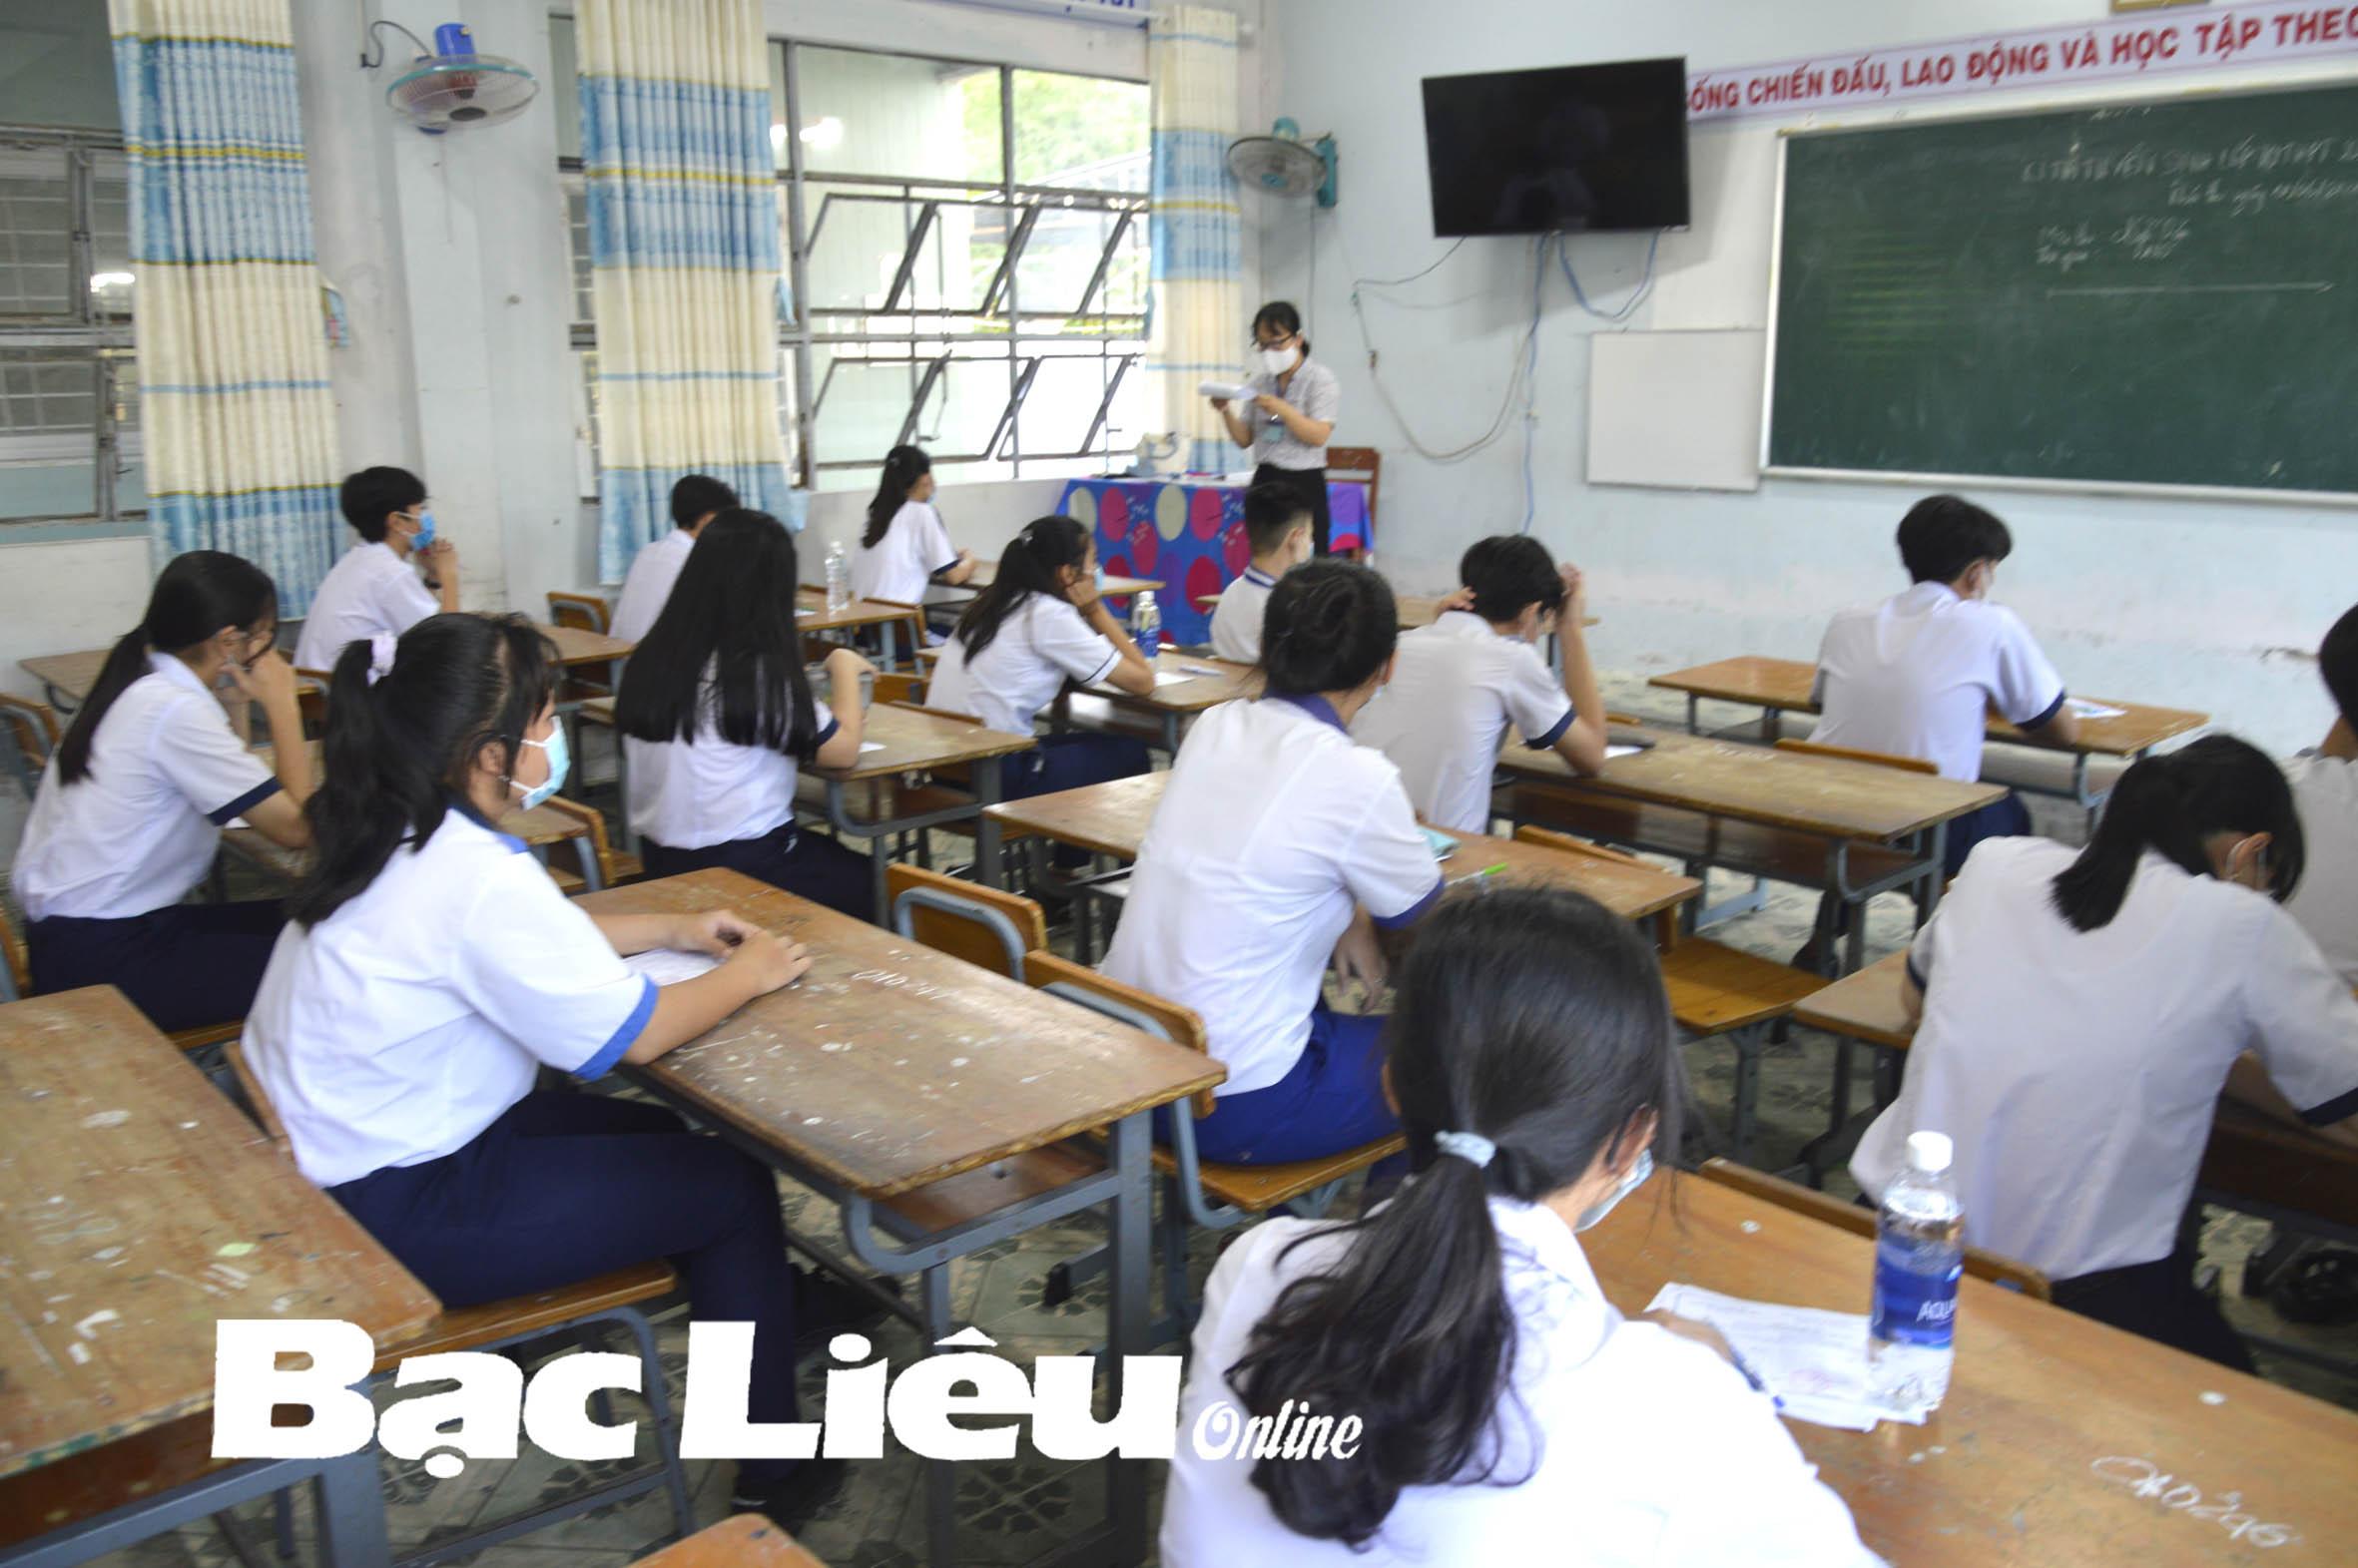 Tuyển sinh vào lớp 10 THPT năm học 2021 - 2022: Chênh lệch điểm sàn giữa các trường